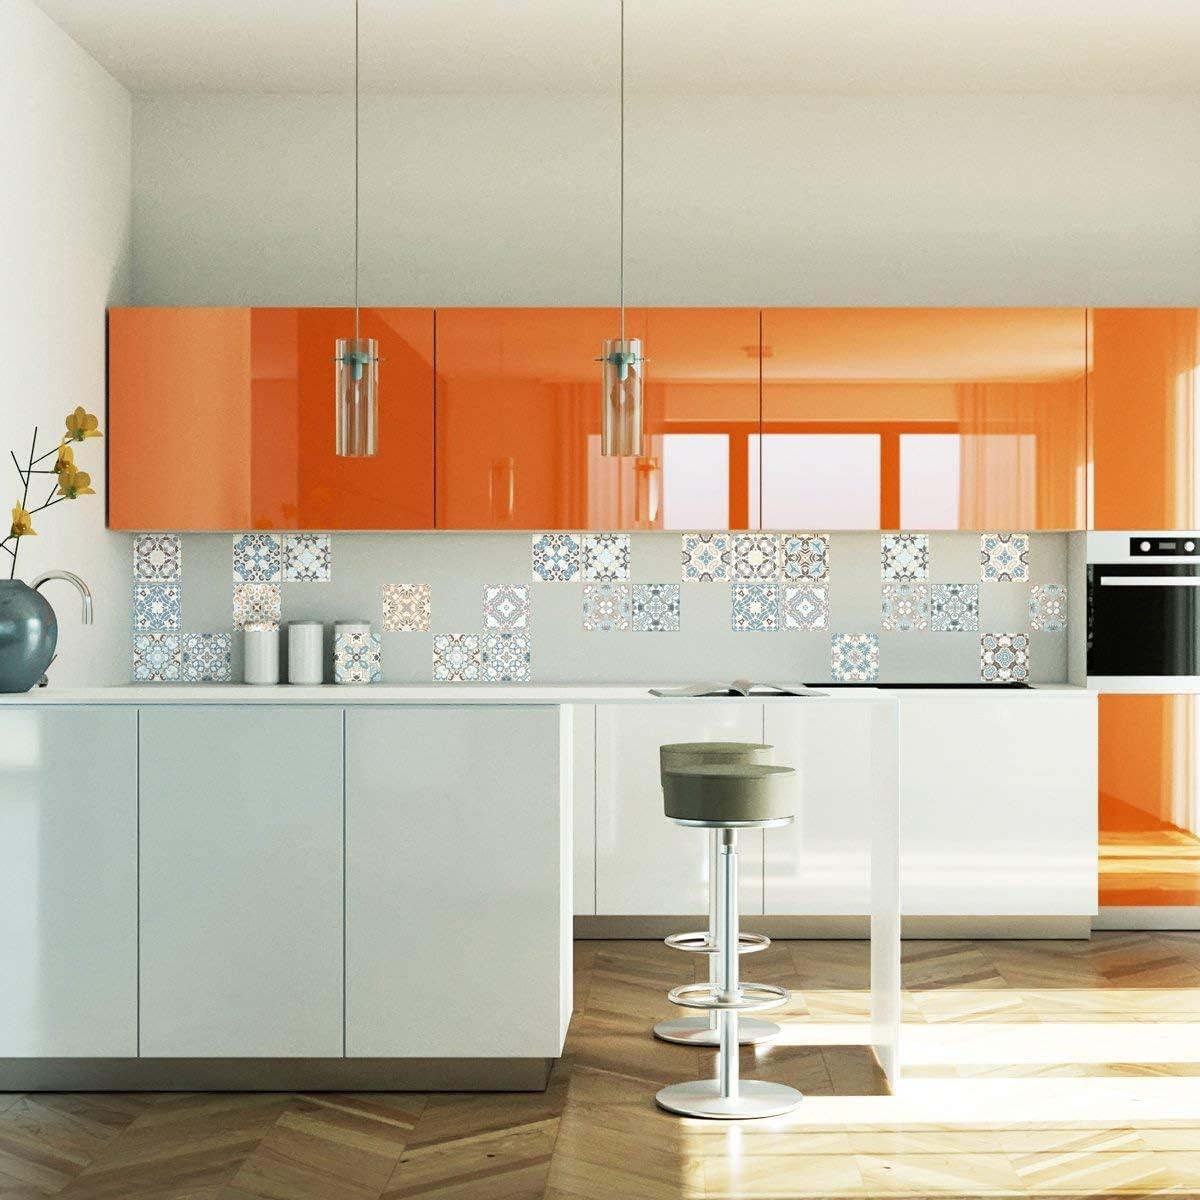 EasyLife per cucina e bagno 10 adesivi da parete con paillettes impermeabili e autoadesivi 20 x 20 cm D03